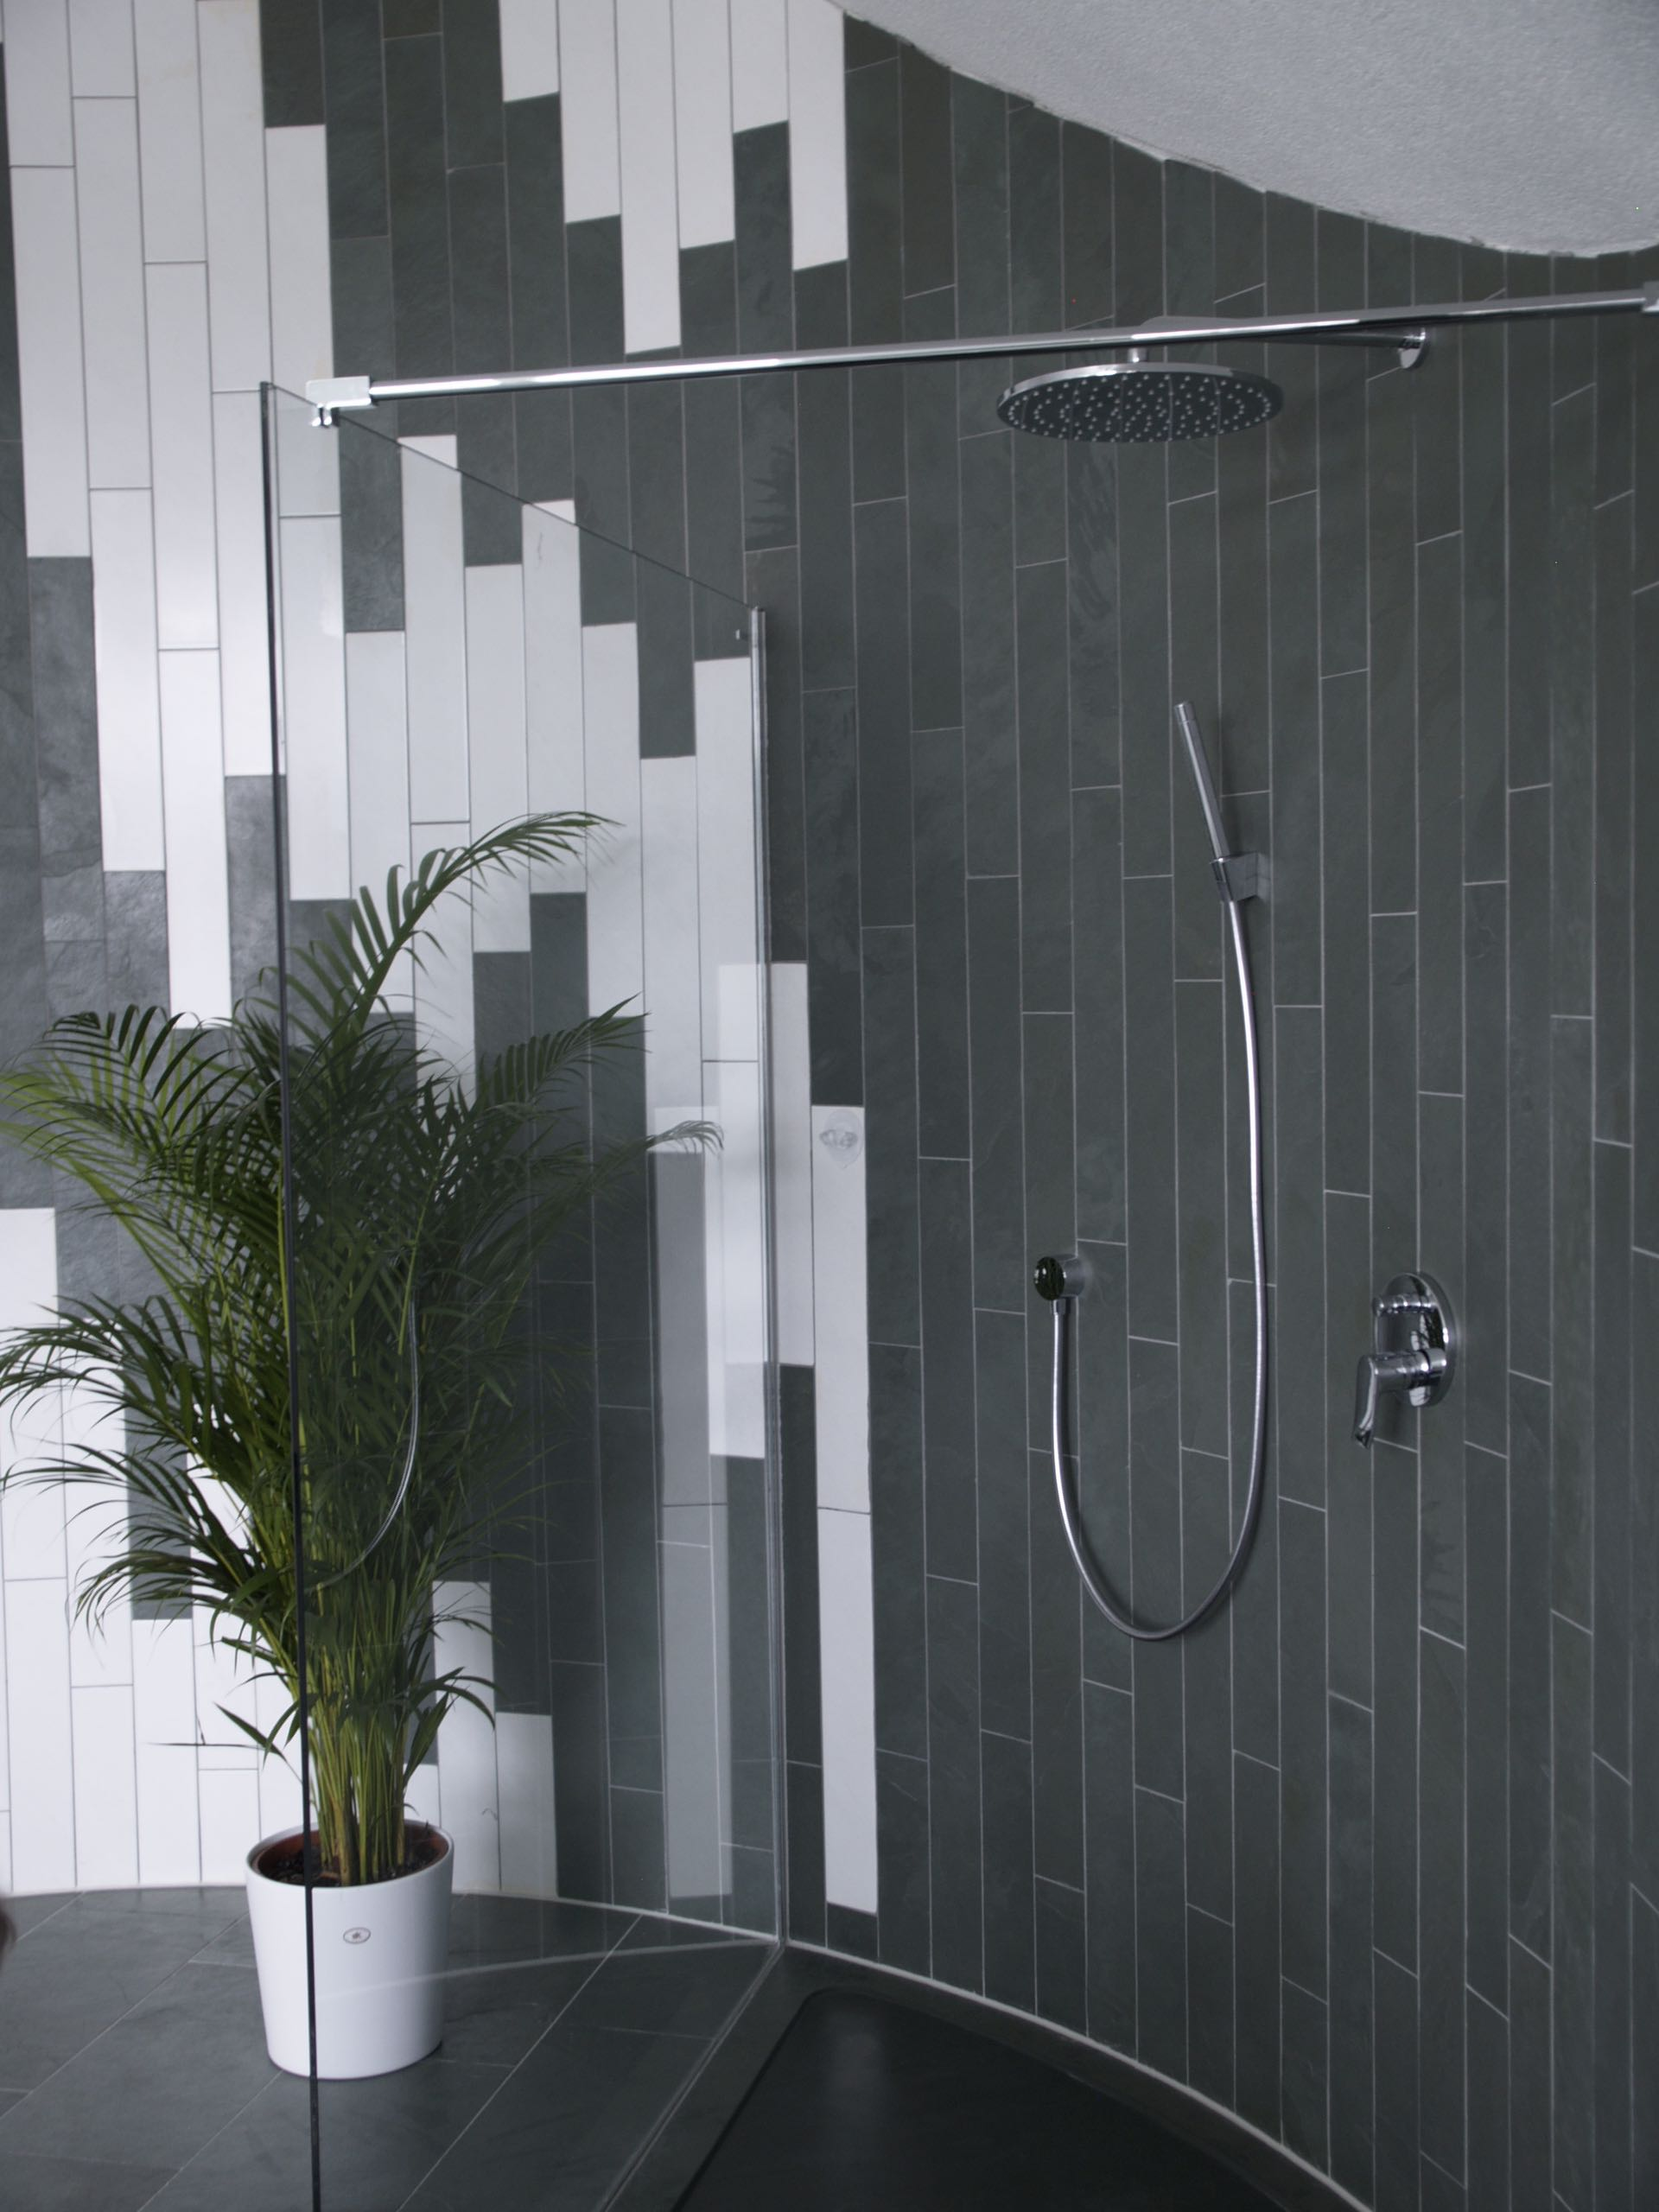 Duschen Fliesen Schiefer ~ Innenräume und Möbel Ideen